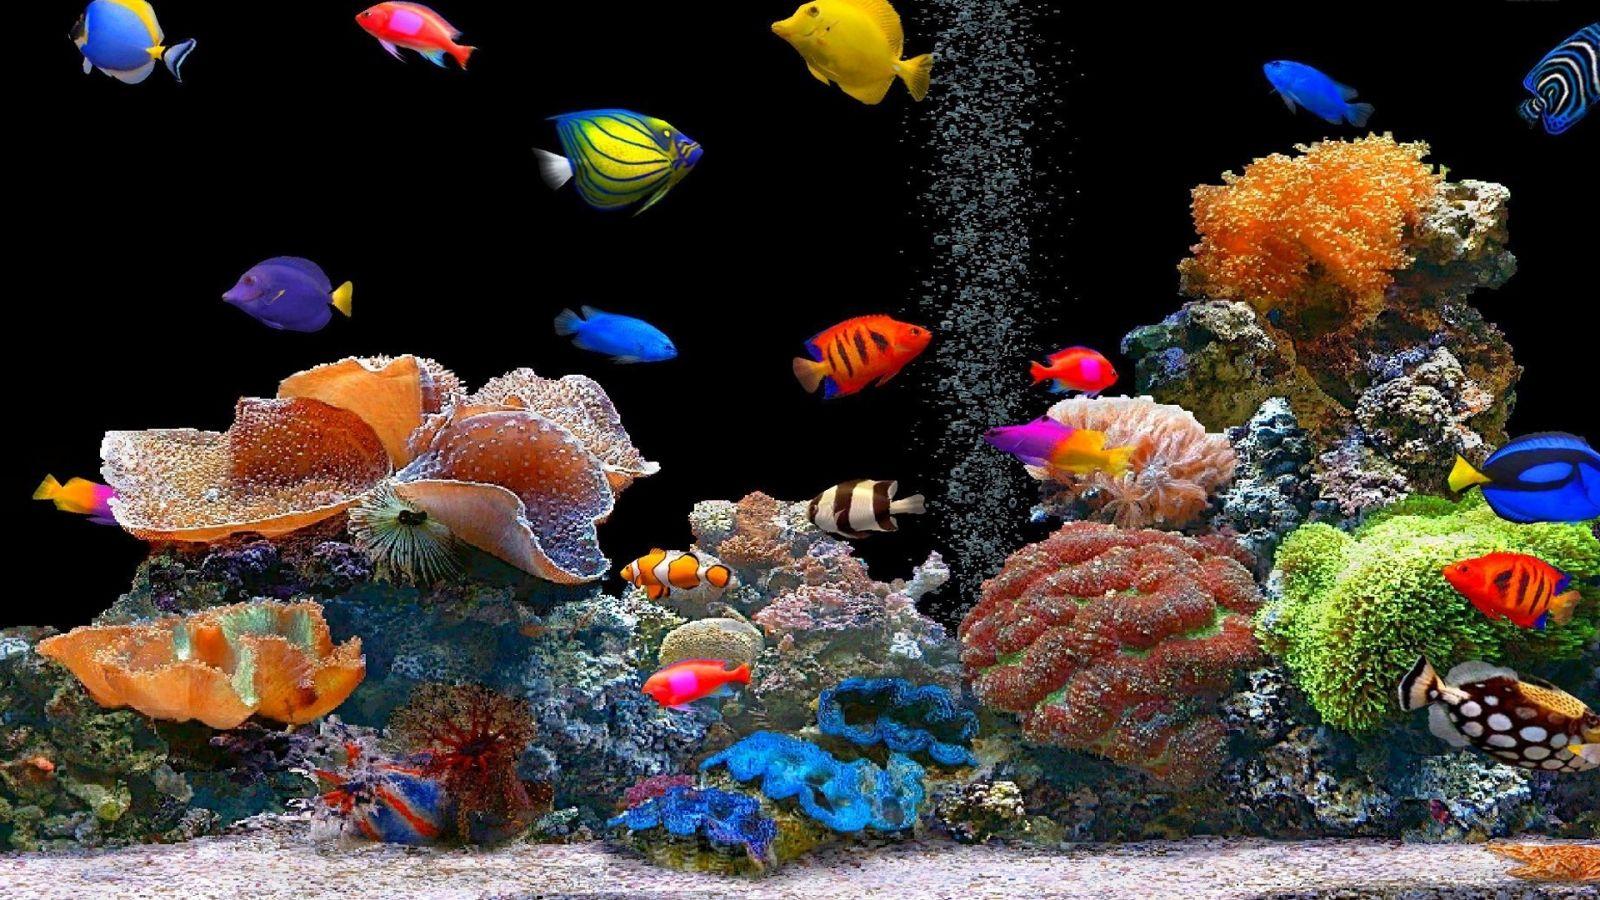 Peces de colores hd 1600x900 imagenes wallpapers for Buscar fondo de pantallas gratis